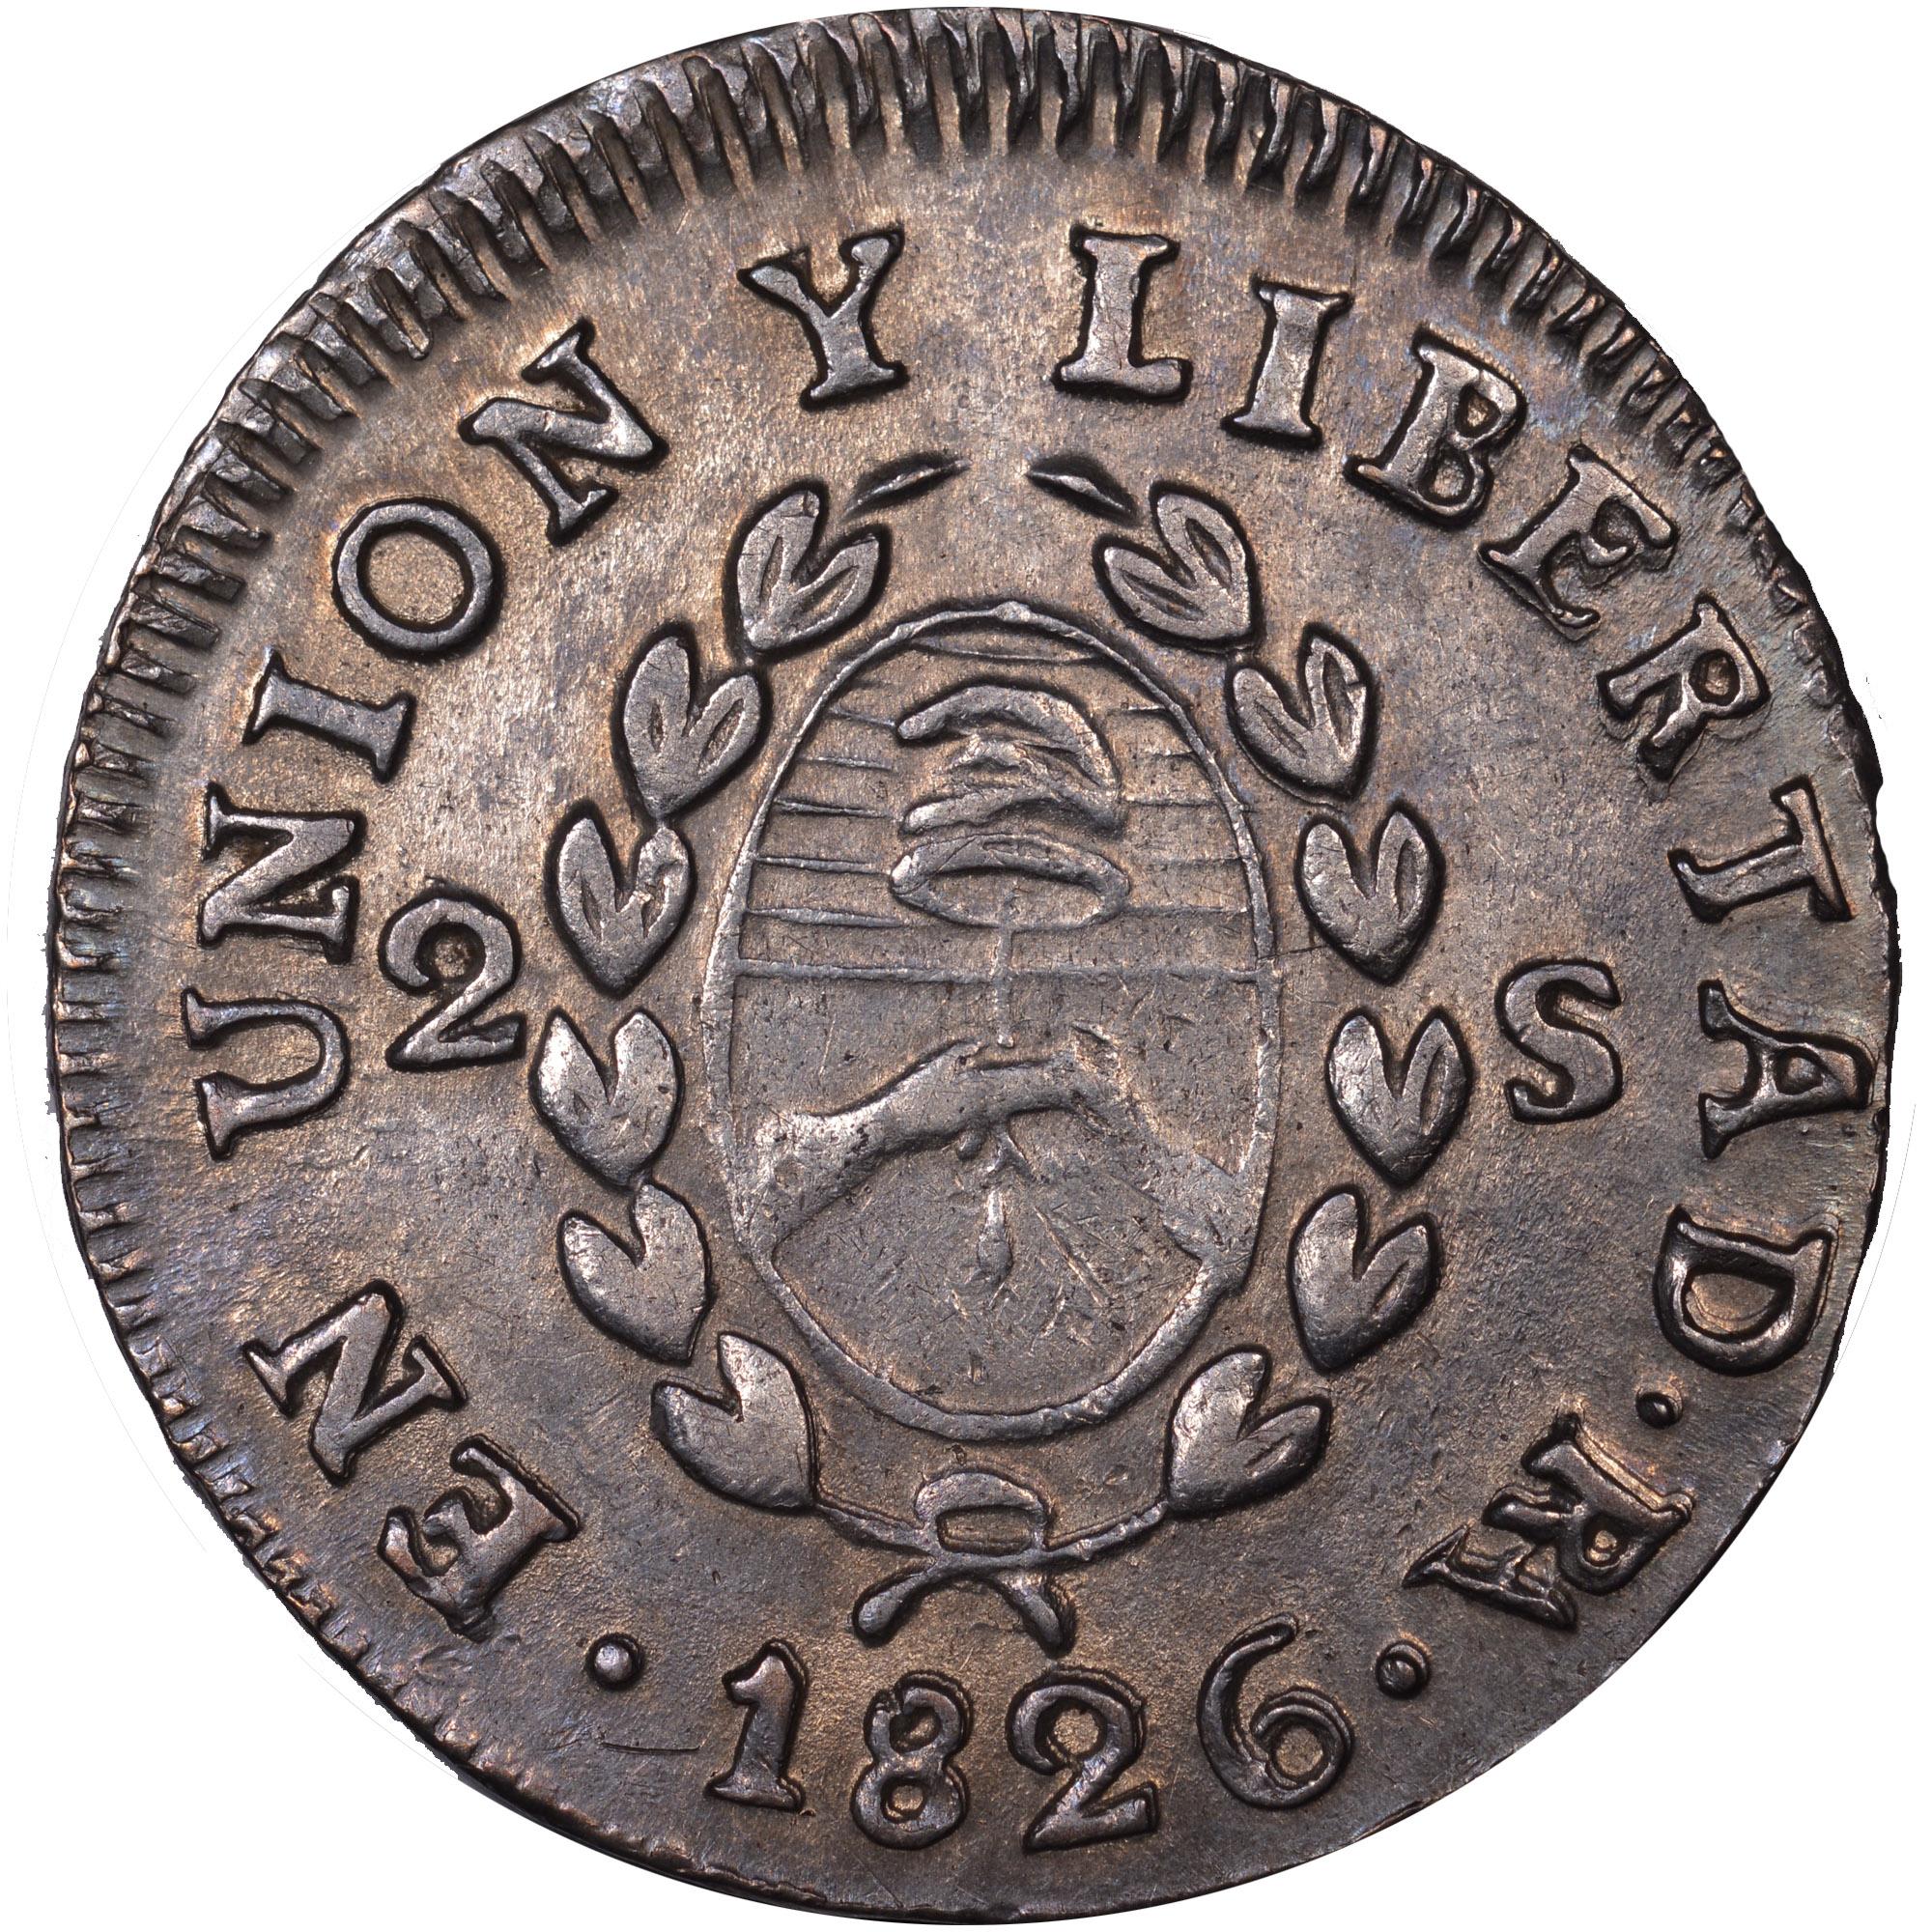 1824-1826/5 Argentina 2 Soles reverse